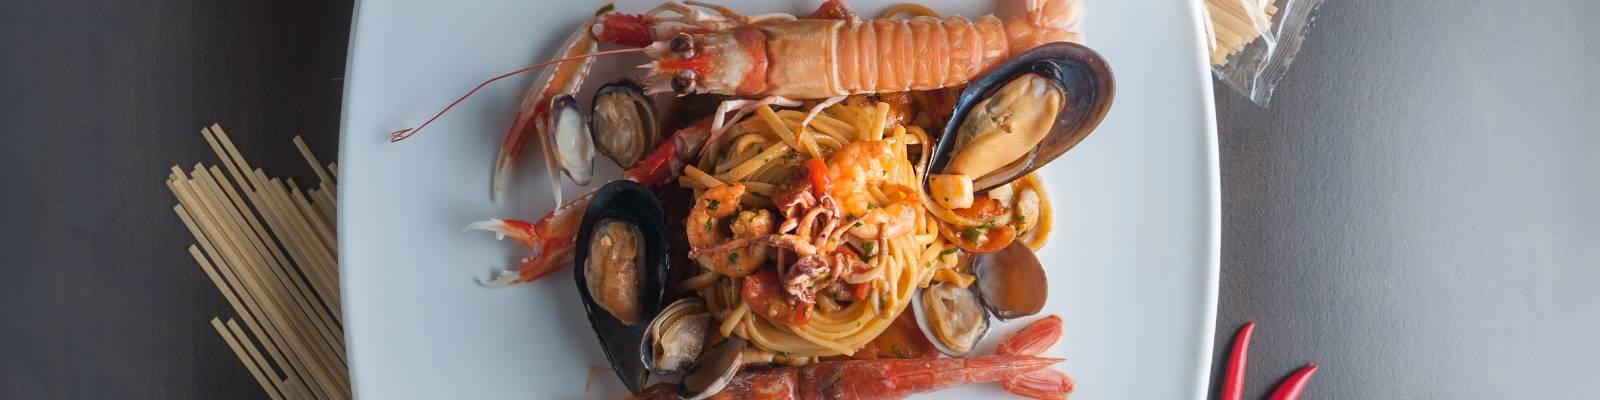 Pasta Garofalo - Linguine met zeevruchten